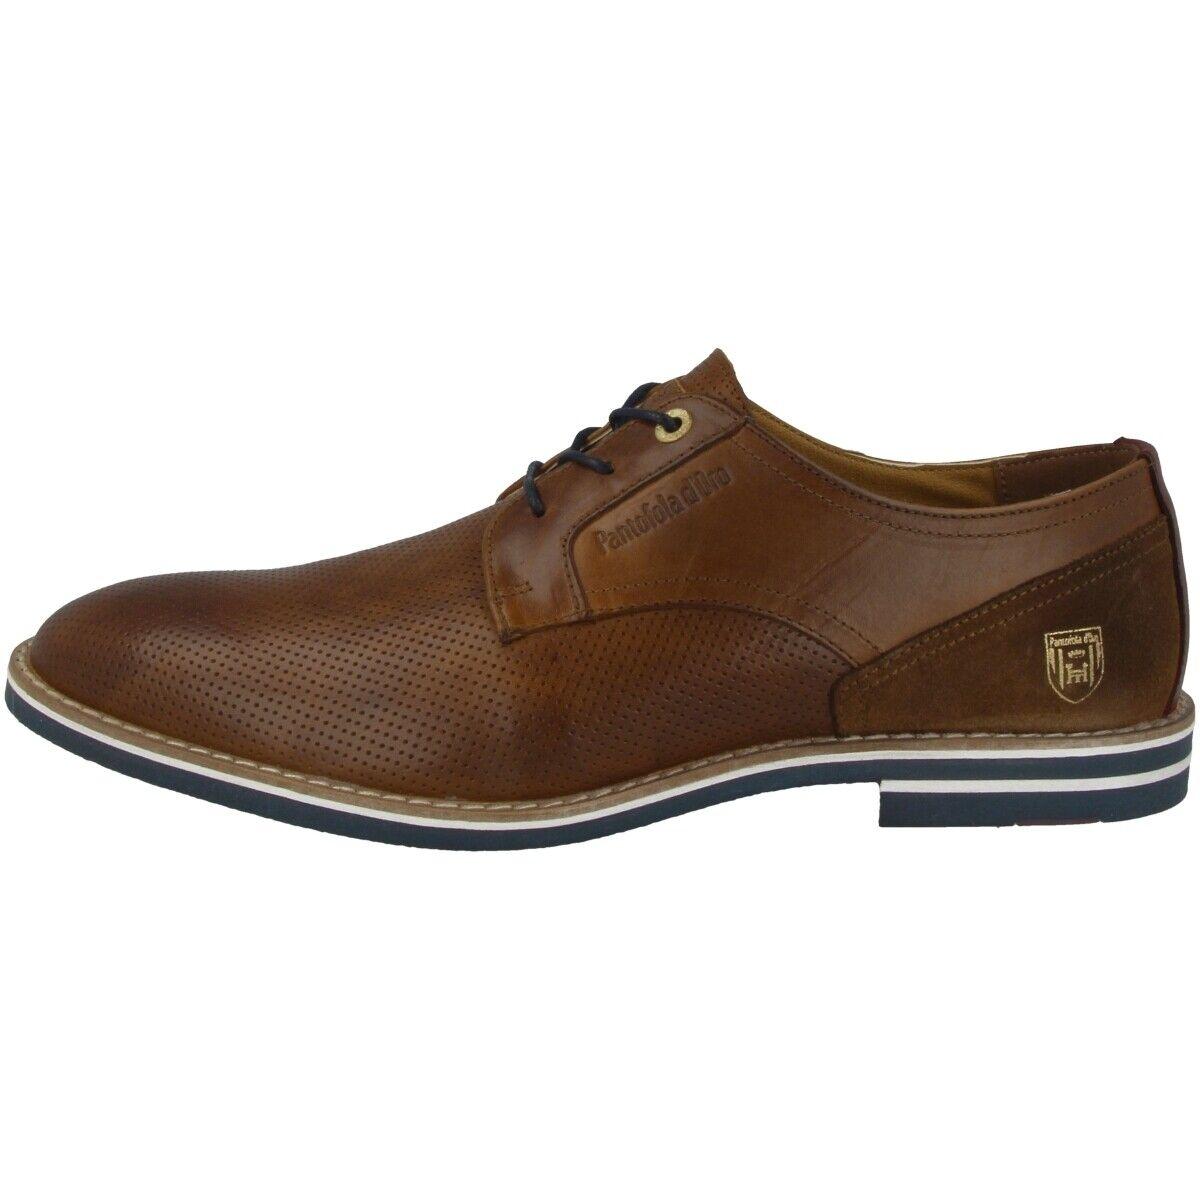 Pantofola D oro LAMBRO Man Low scarpe Leisure scarpe  da ginnastica Shell 10193001.jcu  articoli promozionali